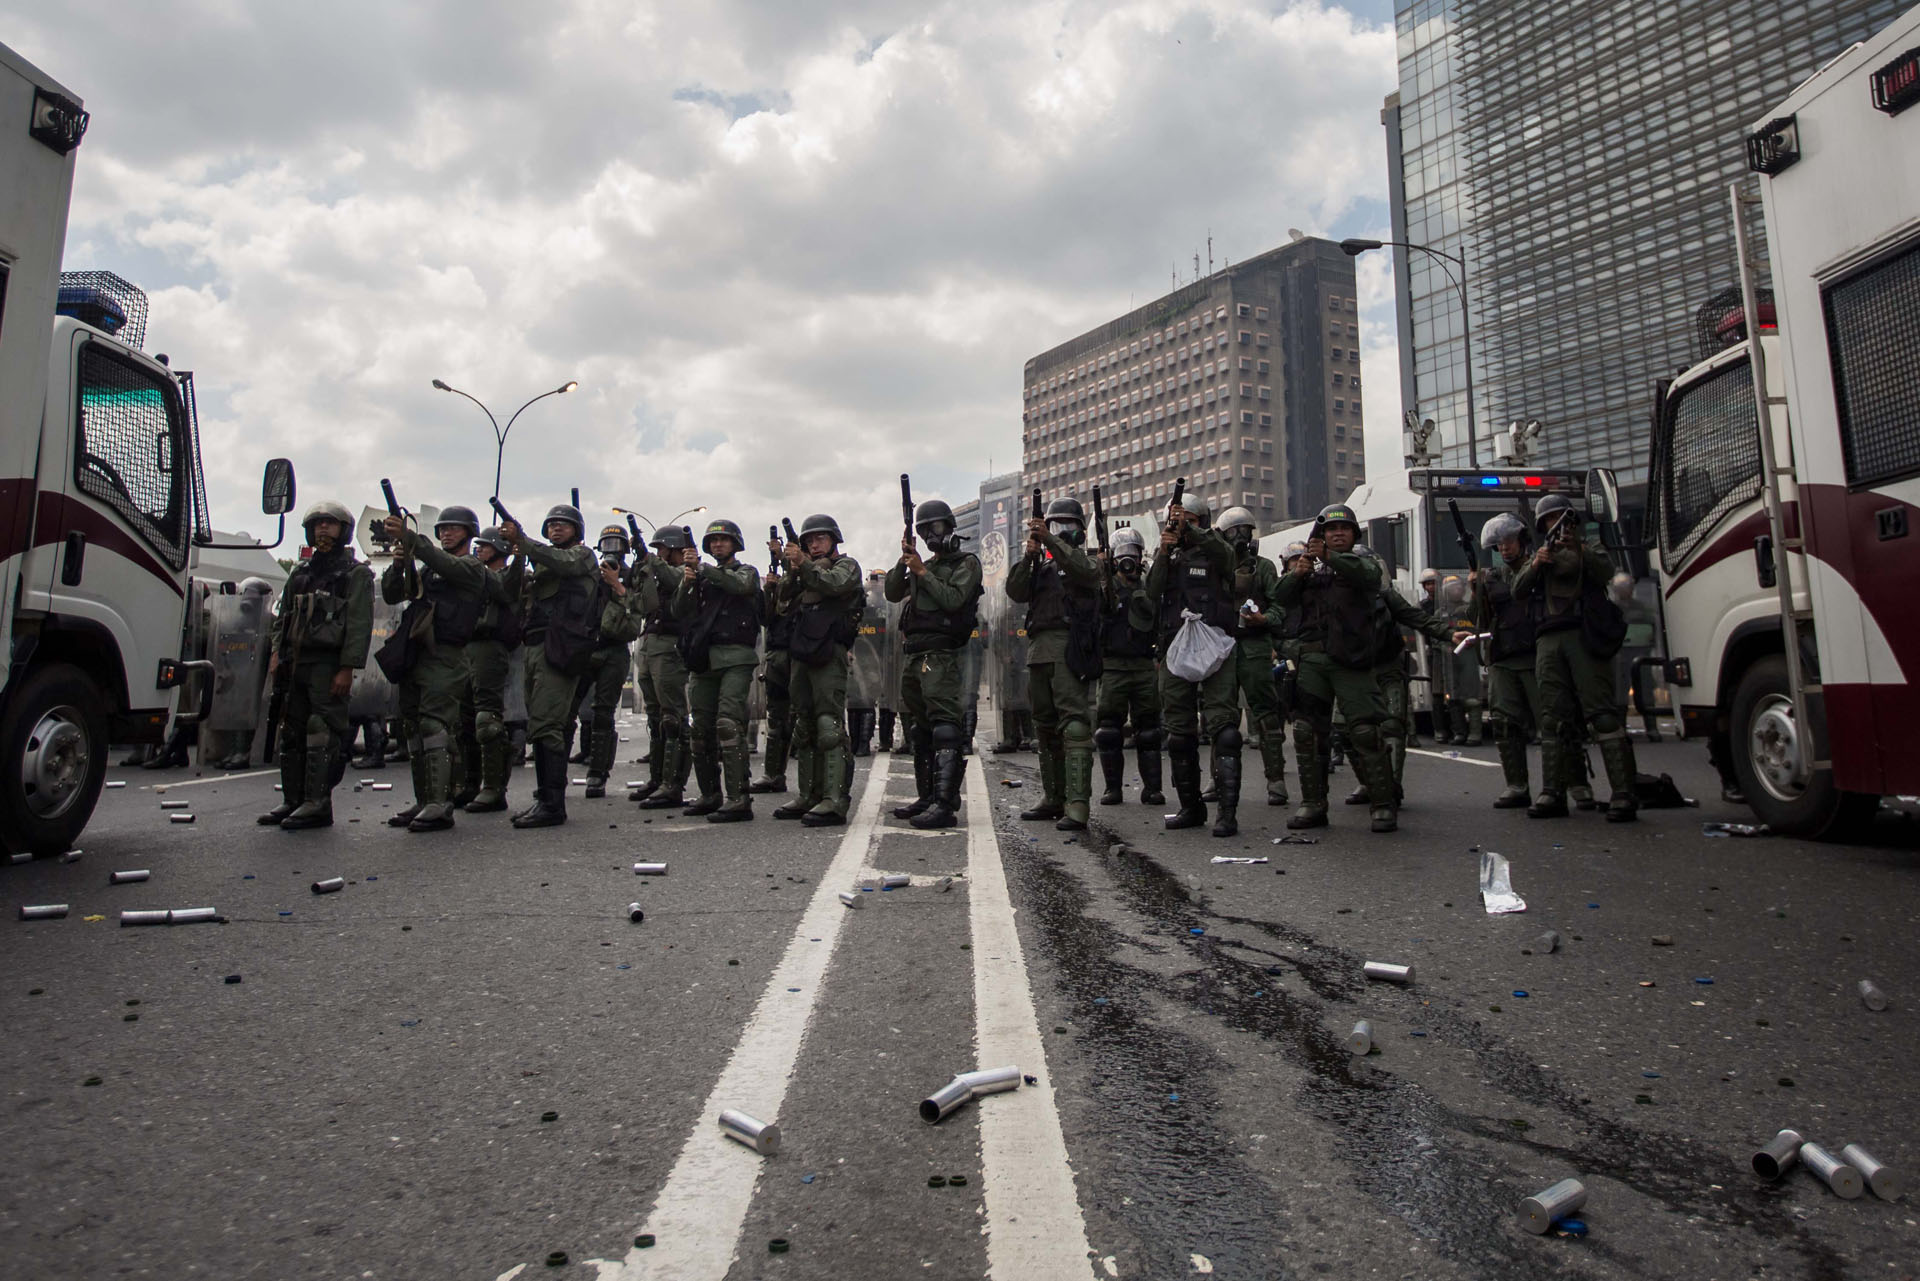 CAR01. CARACAS (VENEZUELA), 06/04/2017 - Miembros del Ejército Nacional Bolivariano intentan disipar una manifestación de opositores al gobierno de Nicolás Maduro hoy, jueves 6 de abril de 2017, en Caracas (Venezuela). Dos fotógrafos de la Agencia EFE en Caracas resultaron heridos durante una protesta opositora en Caracas cuando agentes de los cuerpos de seguridad dispararon a quemarropa contra ellos mientras cubrían gráficamente la manifestación en el este de la capital venezolana. EFE/MIGUEL GUTIERREZ